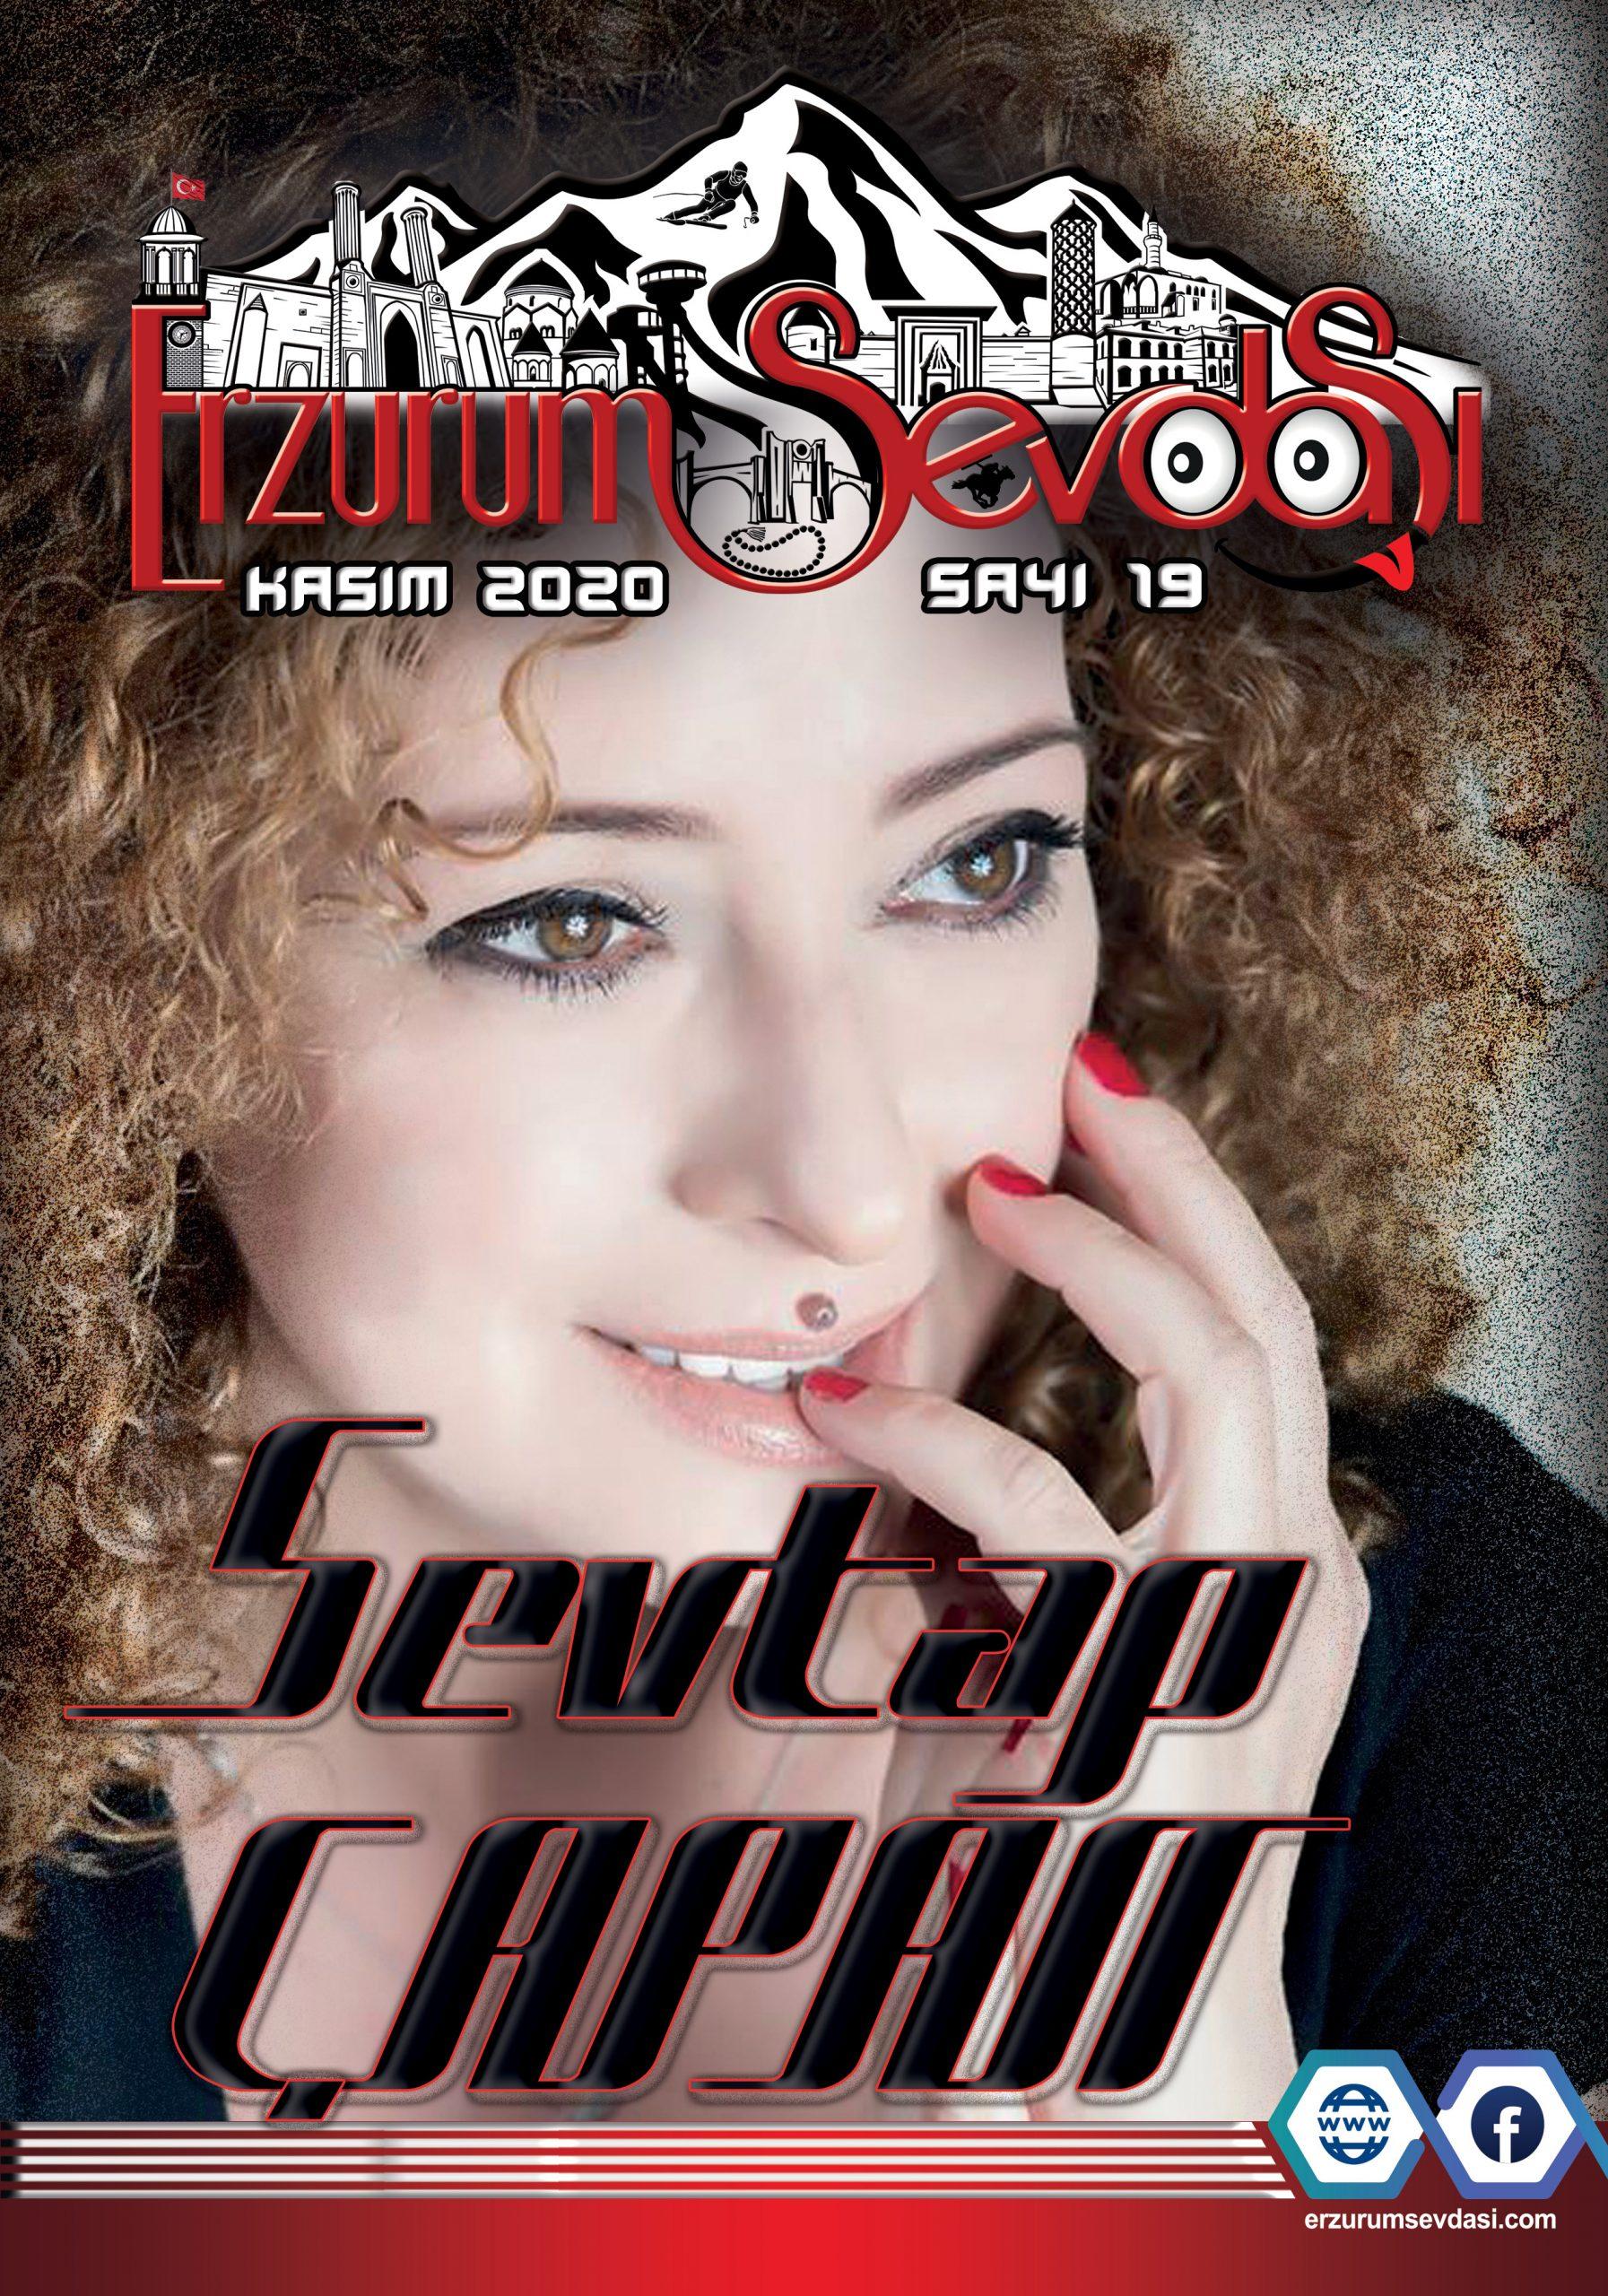 Erzurum Sevdasi Dergisi Kasım sayısı 2020